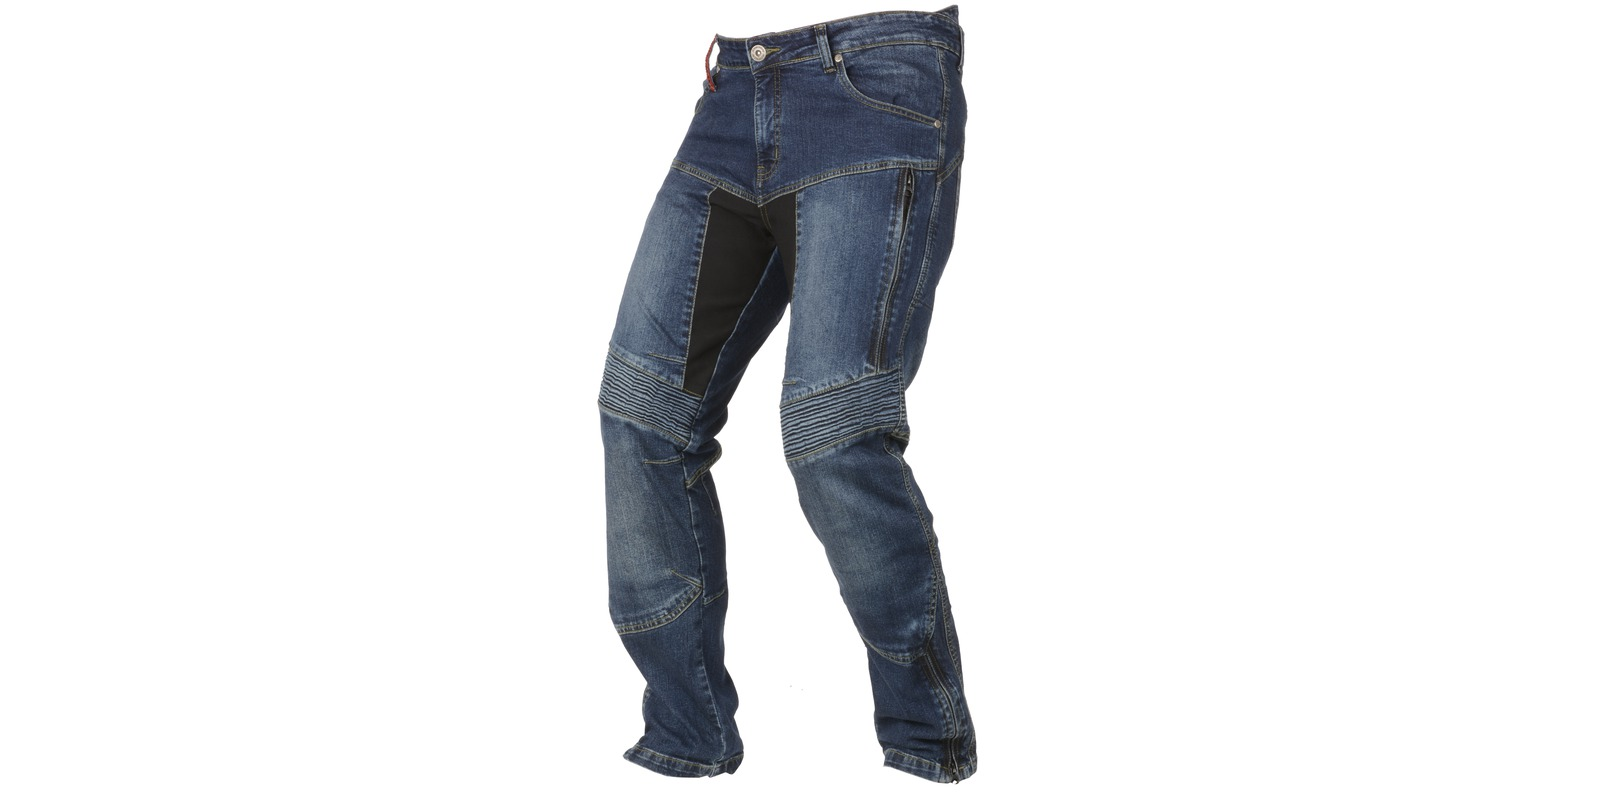 jeansy 505, AYRTON - ČR (modré, vel. 32/36)